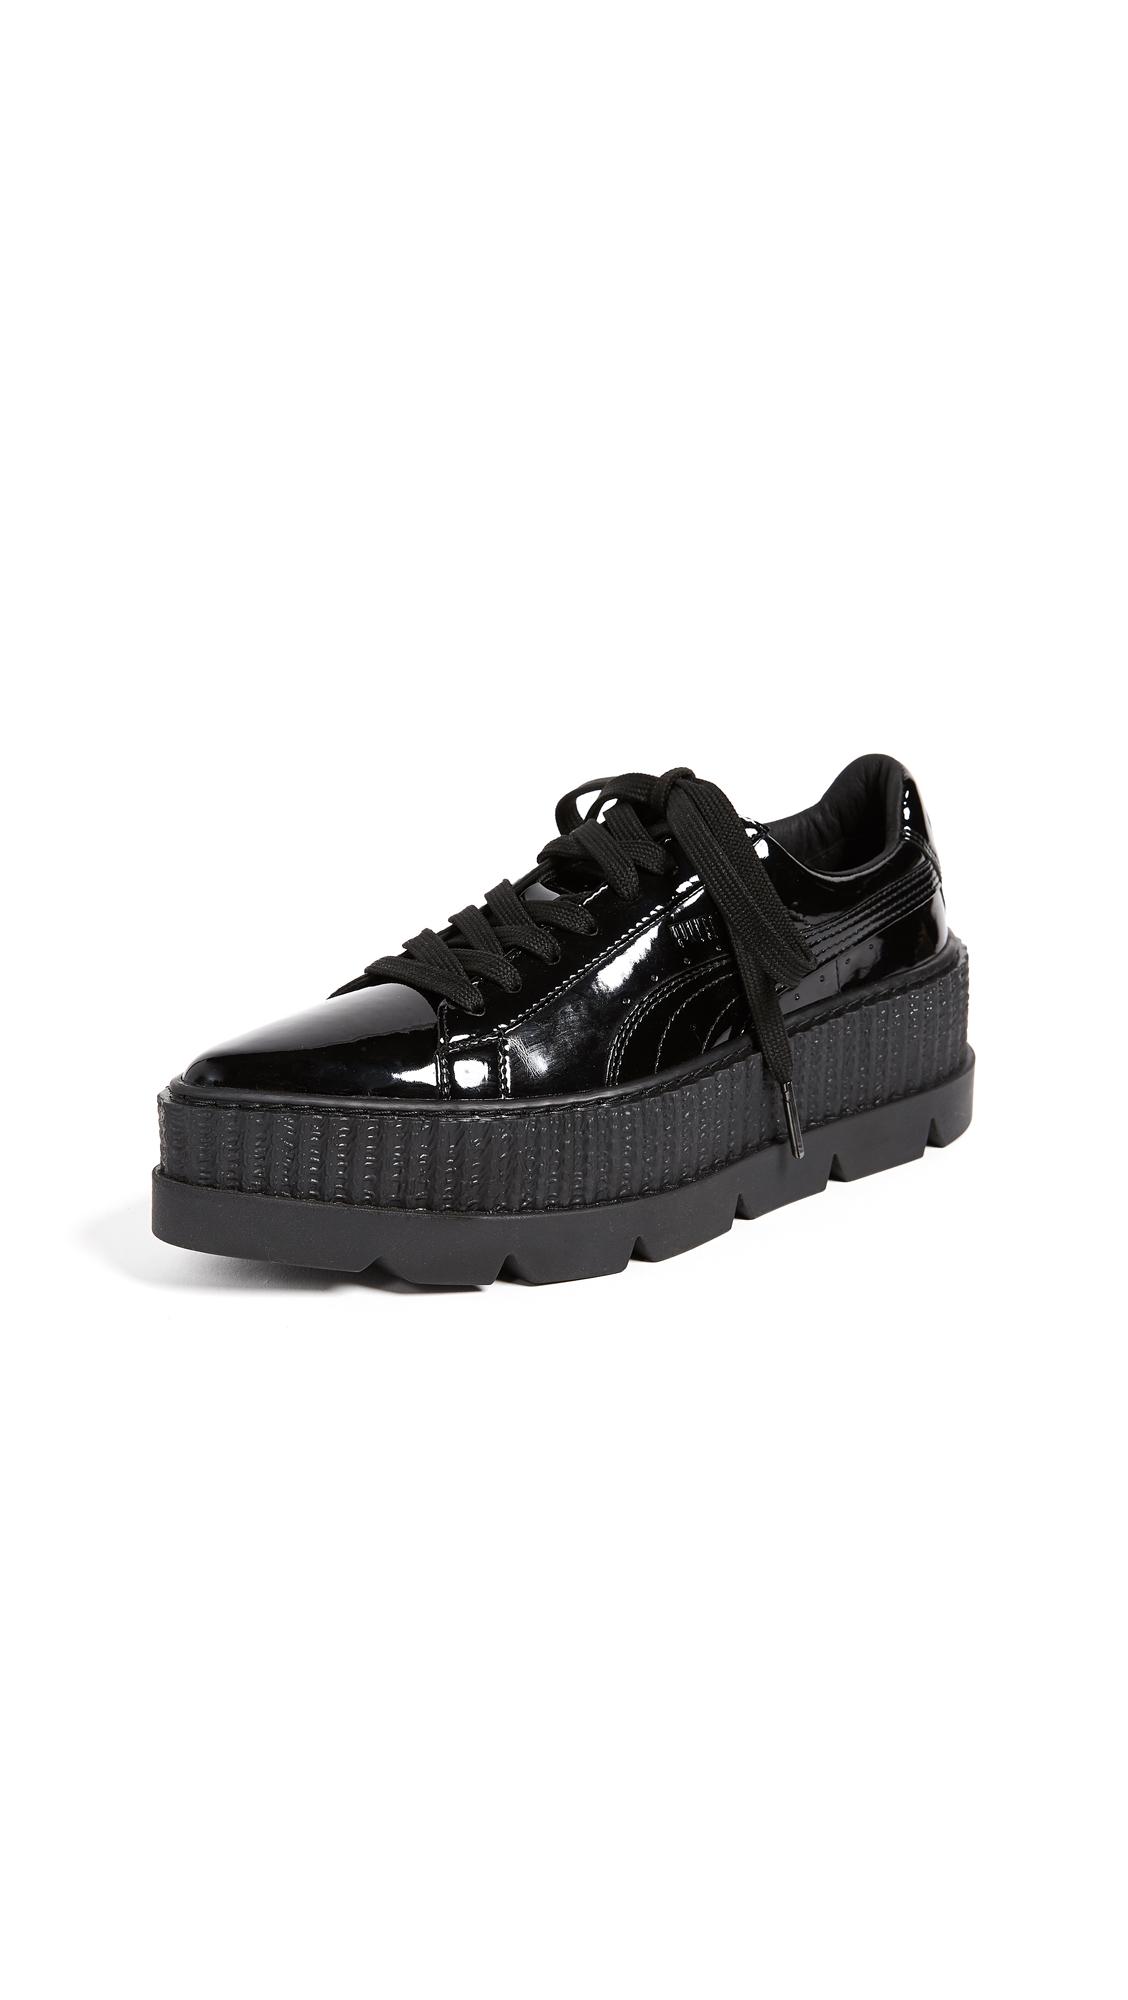 PUMA FENTY x PUMA Pointy Creeper Sneakers - Puma Black